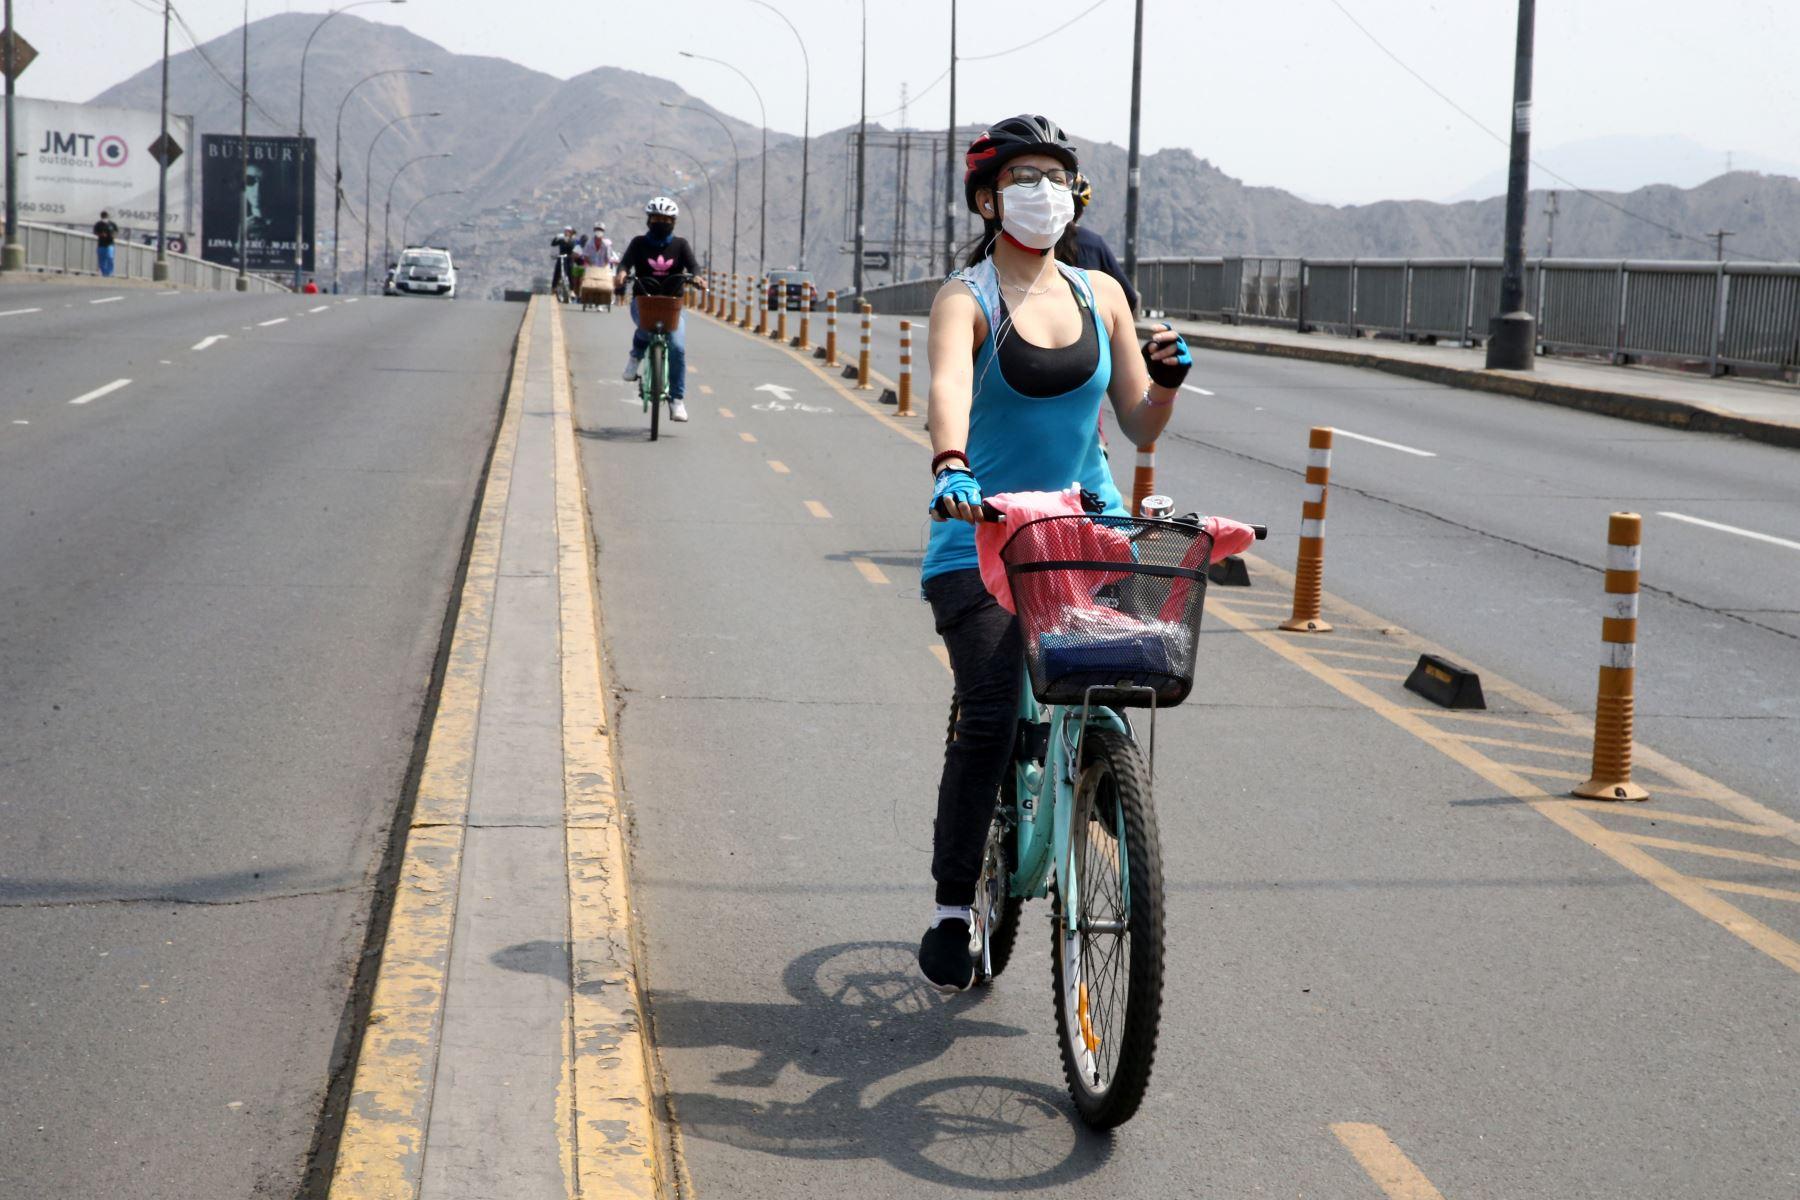 Hoy domingo no pueden circular vehículos particulares en Lima y Callao, pero los ciudadanos pueden desplazarse en el transporte público, siempre y cuando usen mascarilla y protector facial. También pueden circular a pie o en bicicletas u otros vehículos no motorizado. Imagen de los alrededores de Plaza Norte en Lima Norte. Foto: ANDINA/Vidal Tarqui